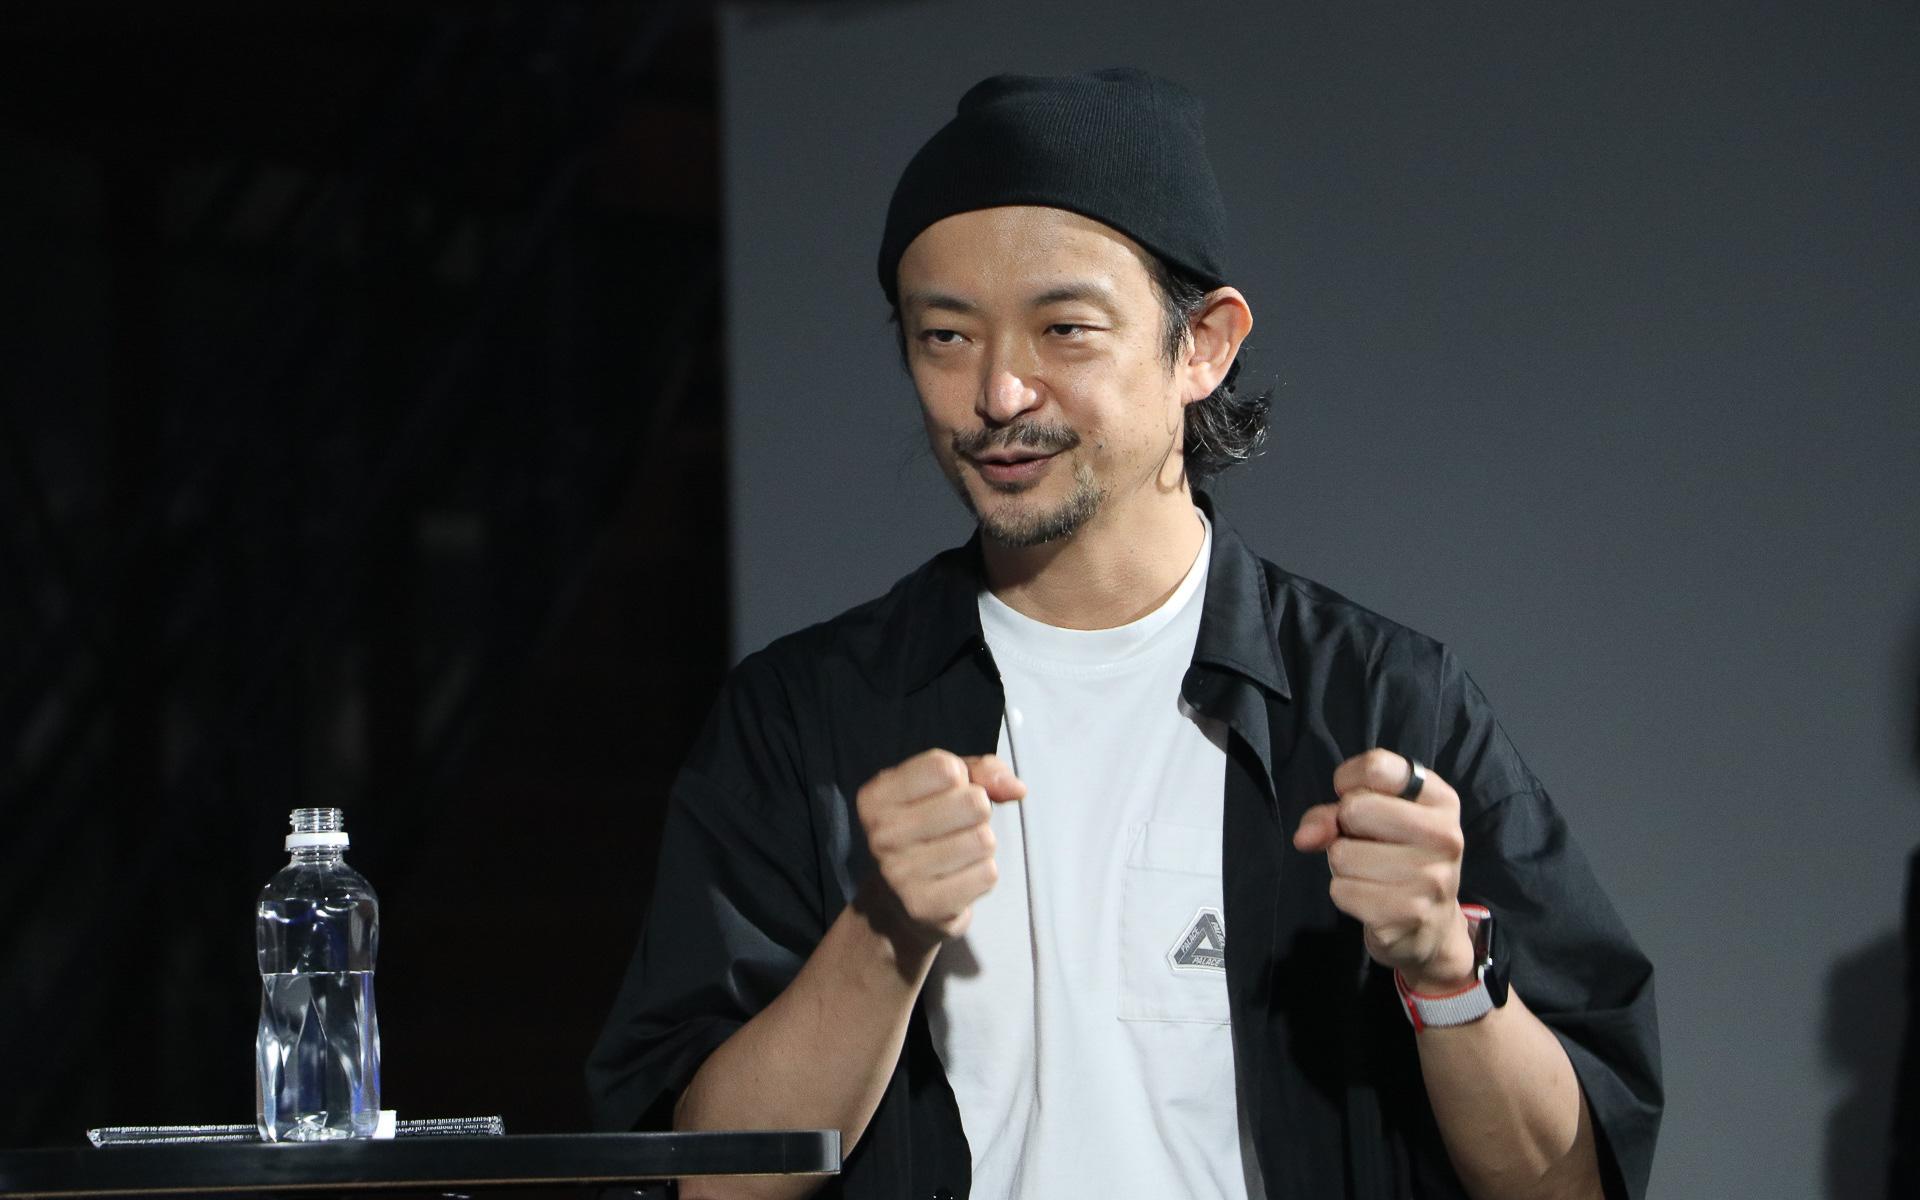 アーティスト、プログラマ、DJなど幅広い活動をしている真鍋氏